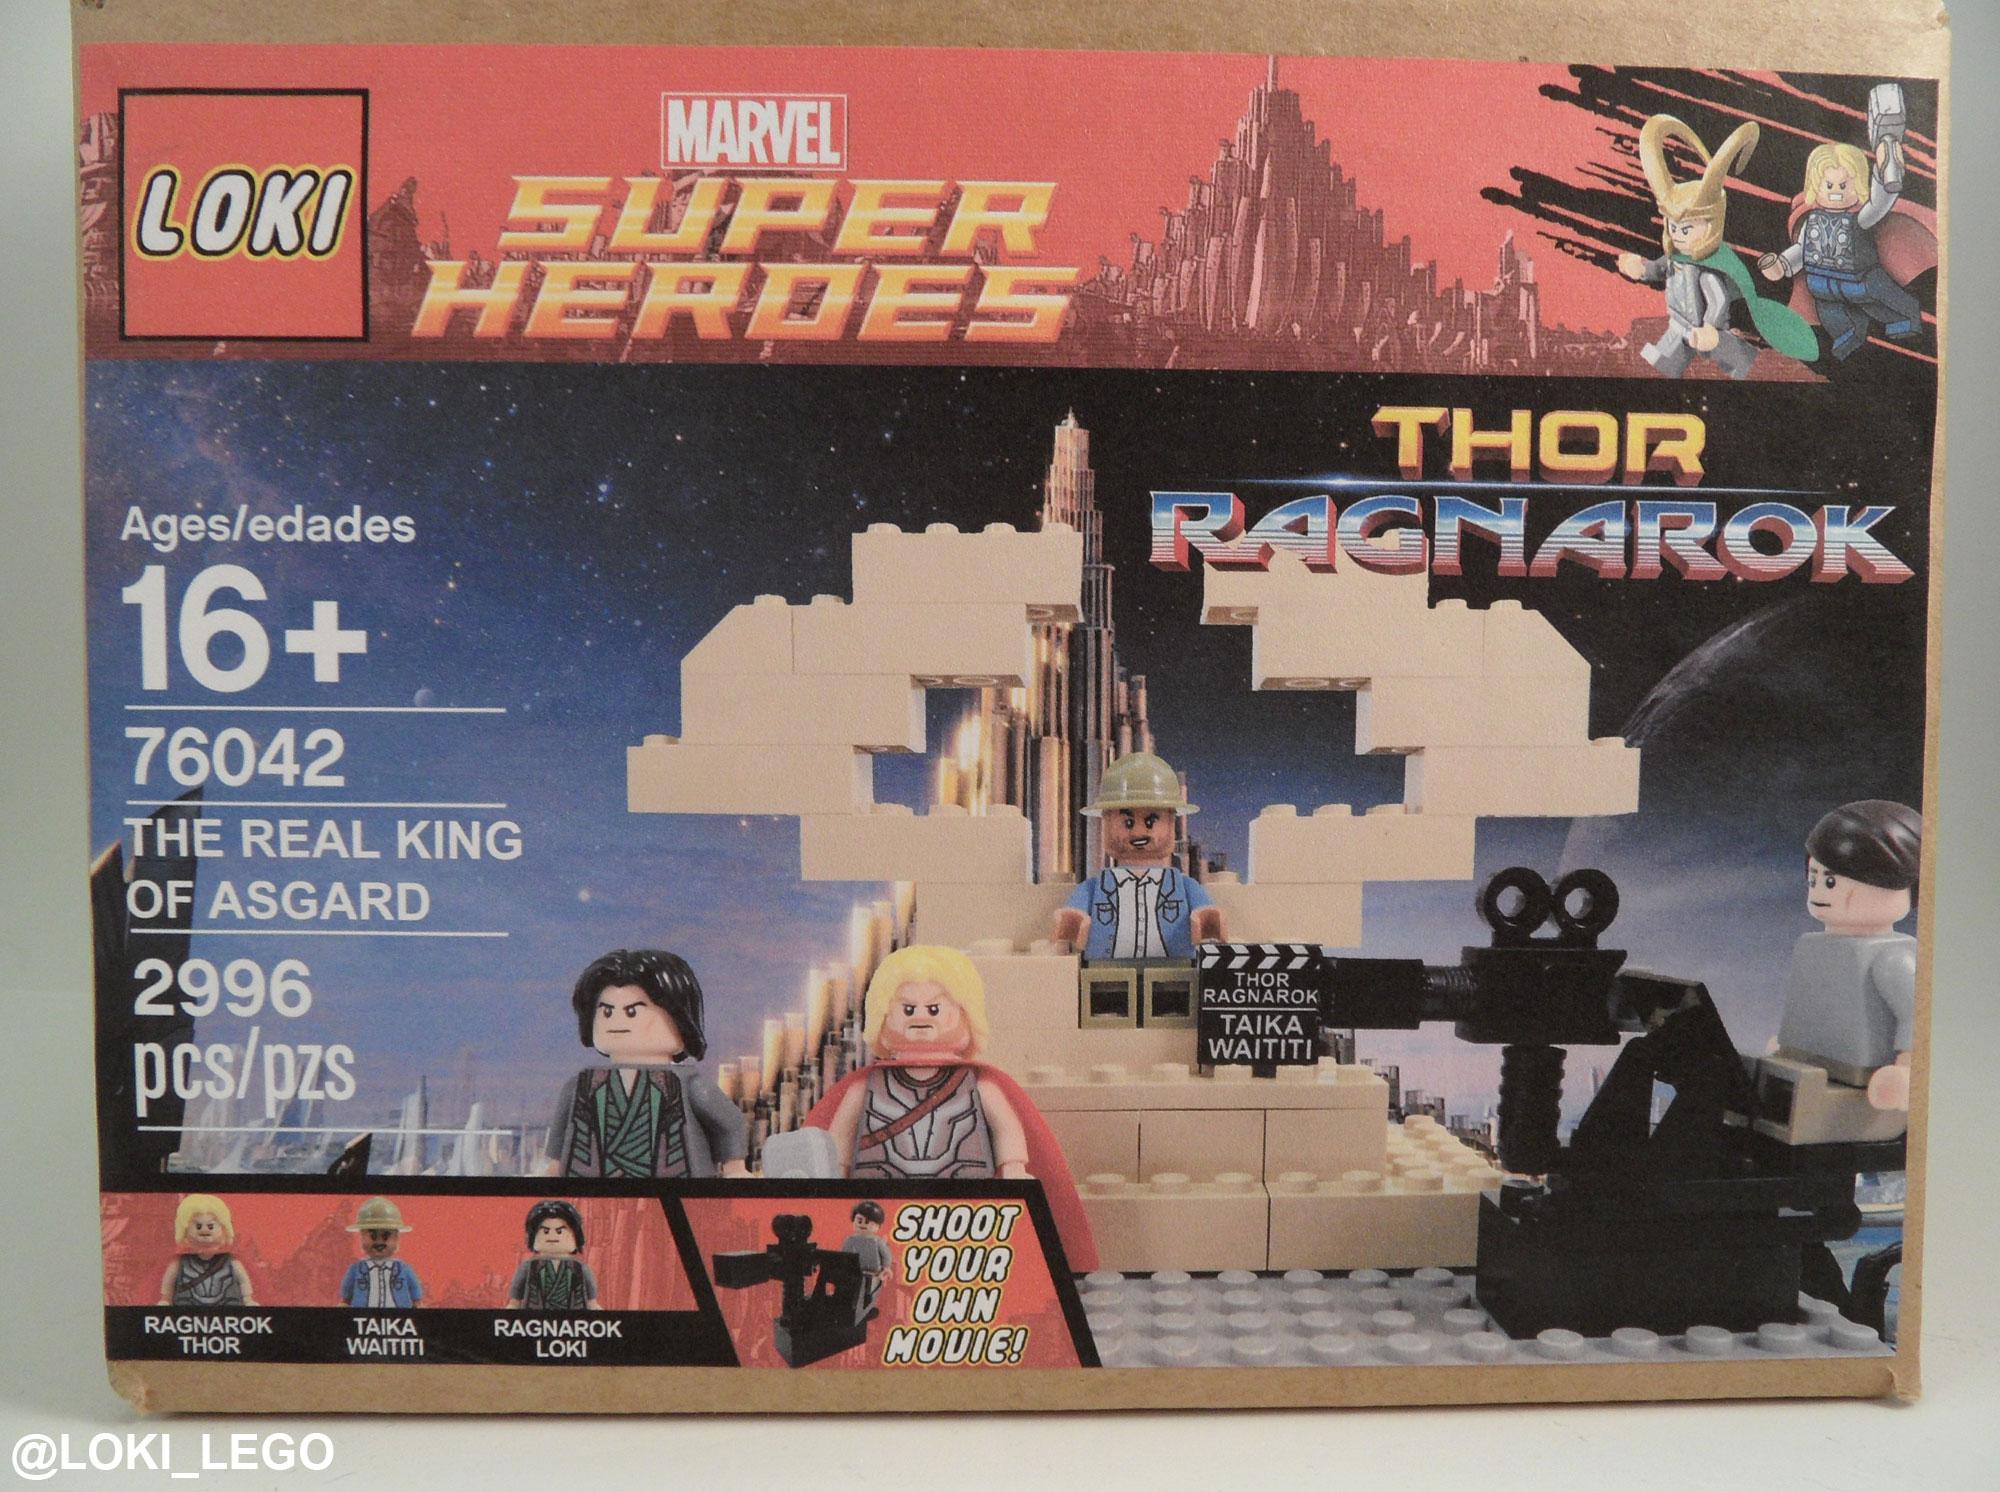 thor-ragnarok-lego-set-25